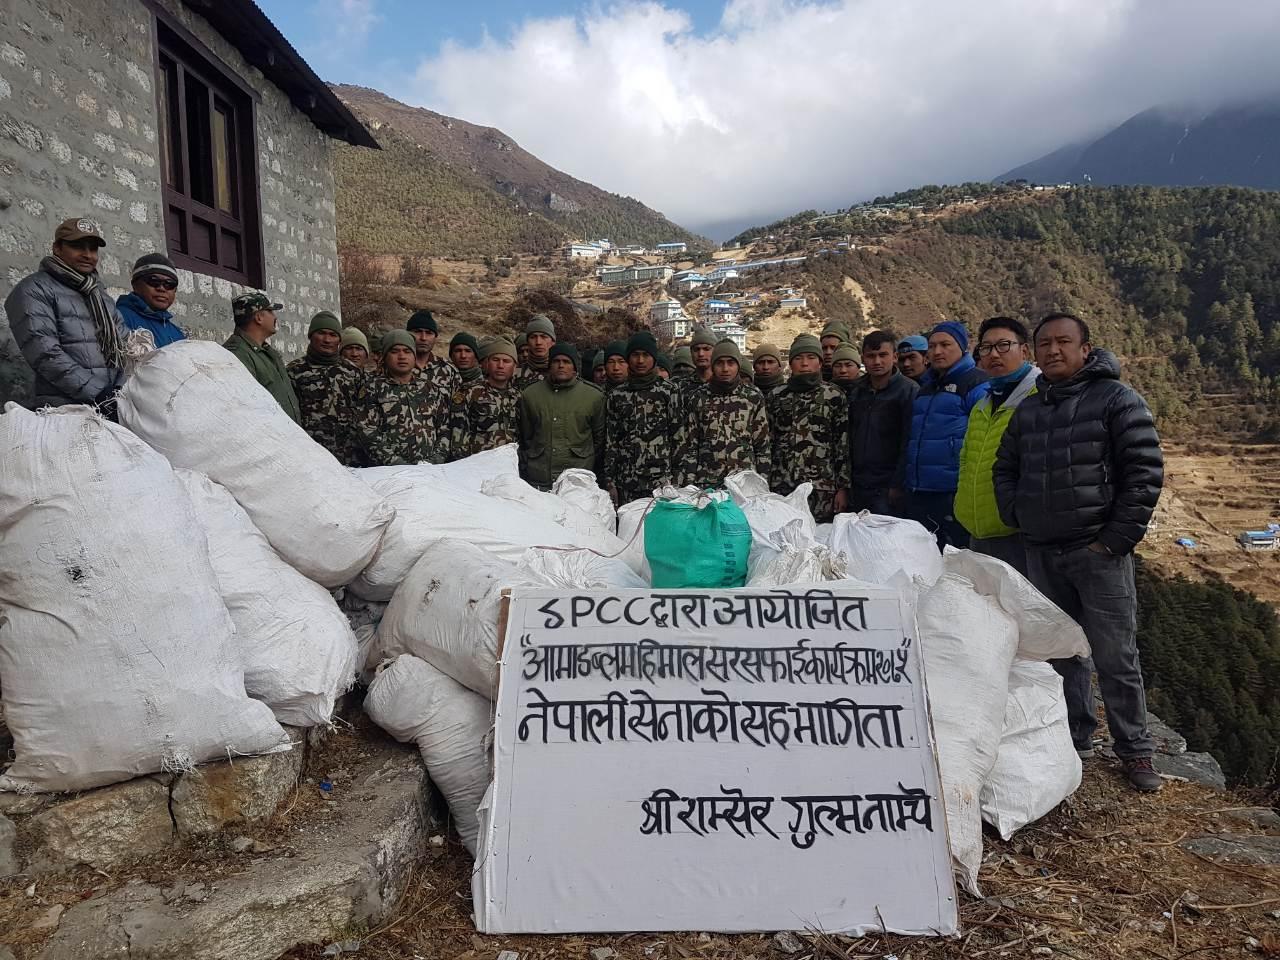 Photo of Conclusa la prima campagna di pulizia dell'Ama Dablam, raccolti 775 kg di rifiuti